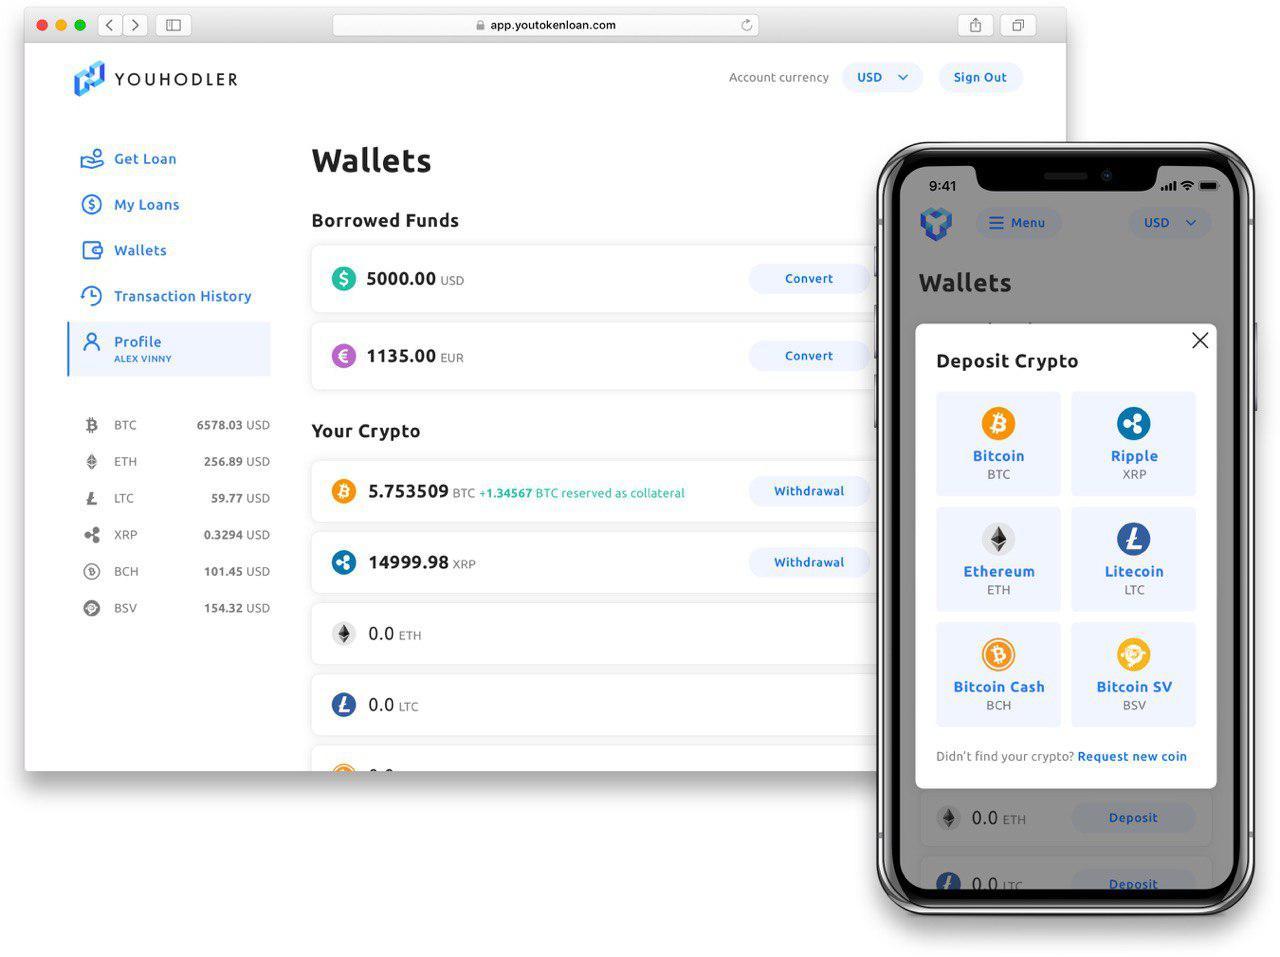 YouHodler / Wallet